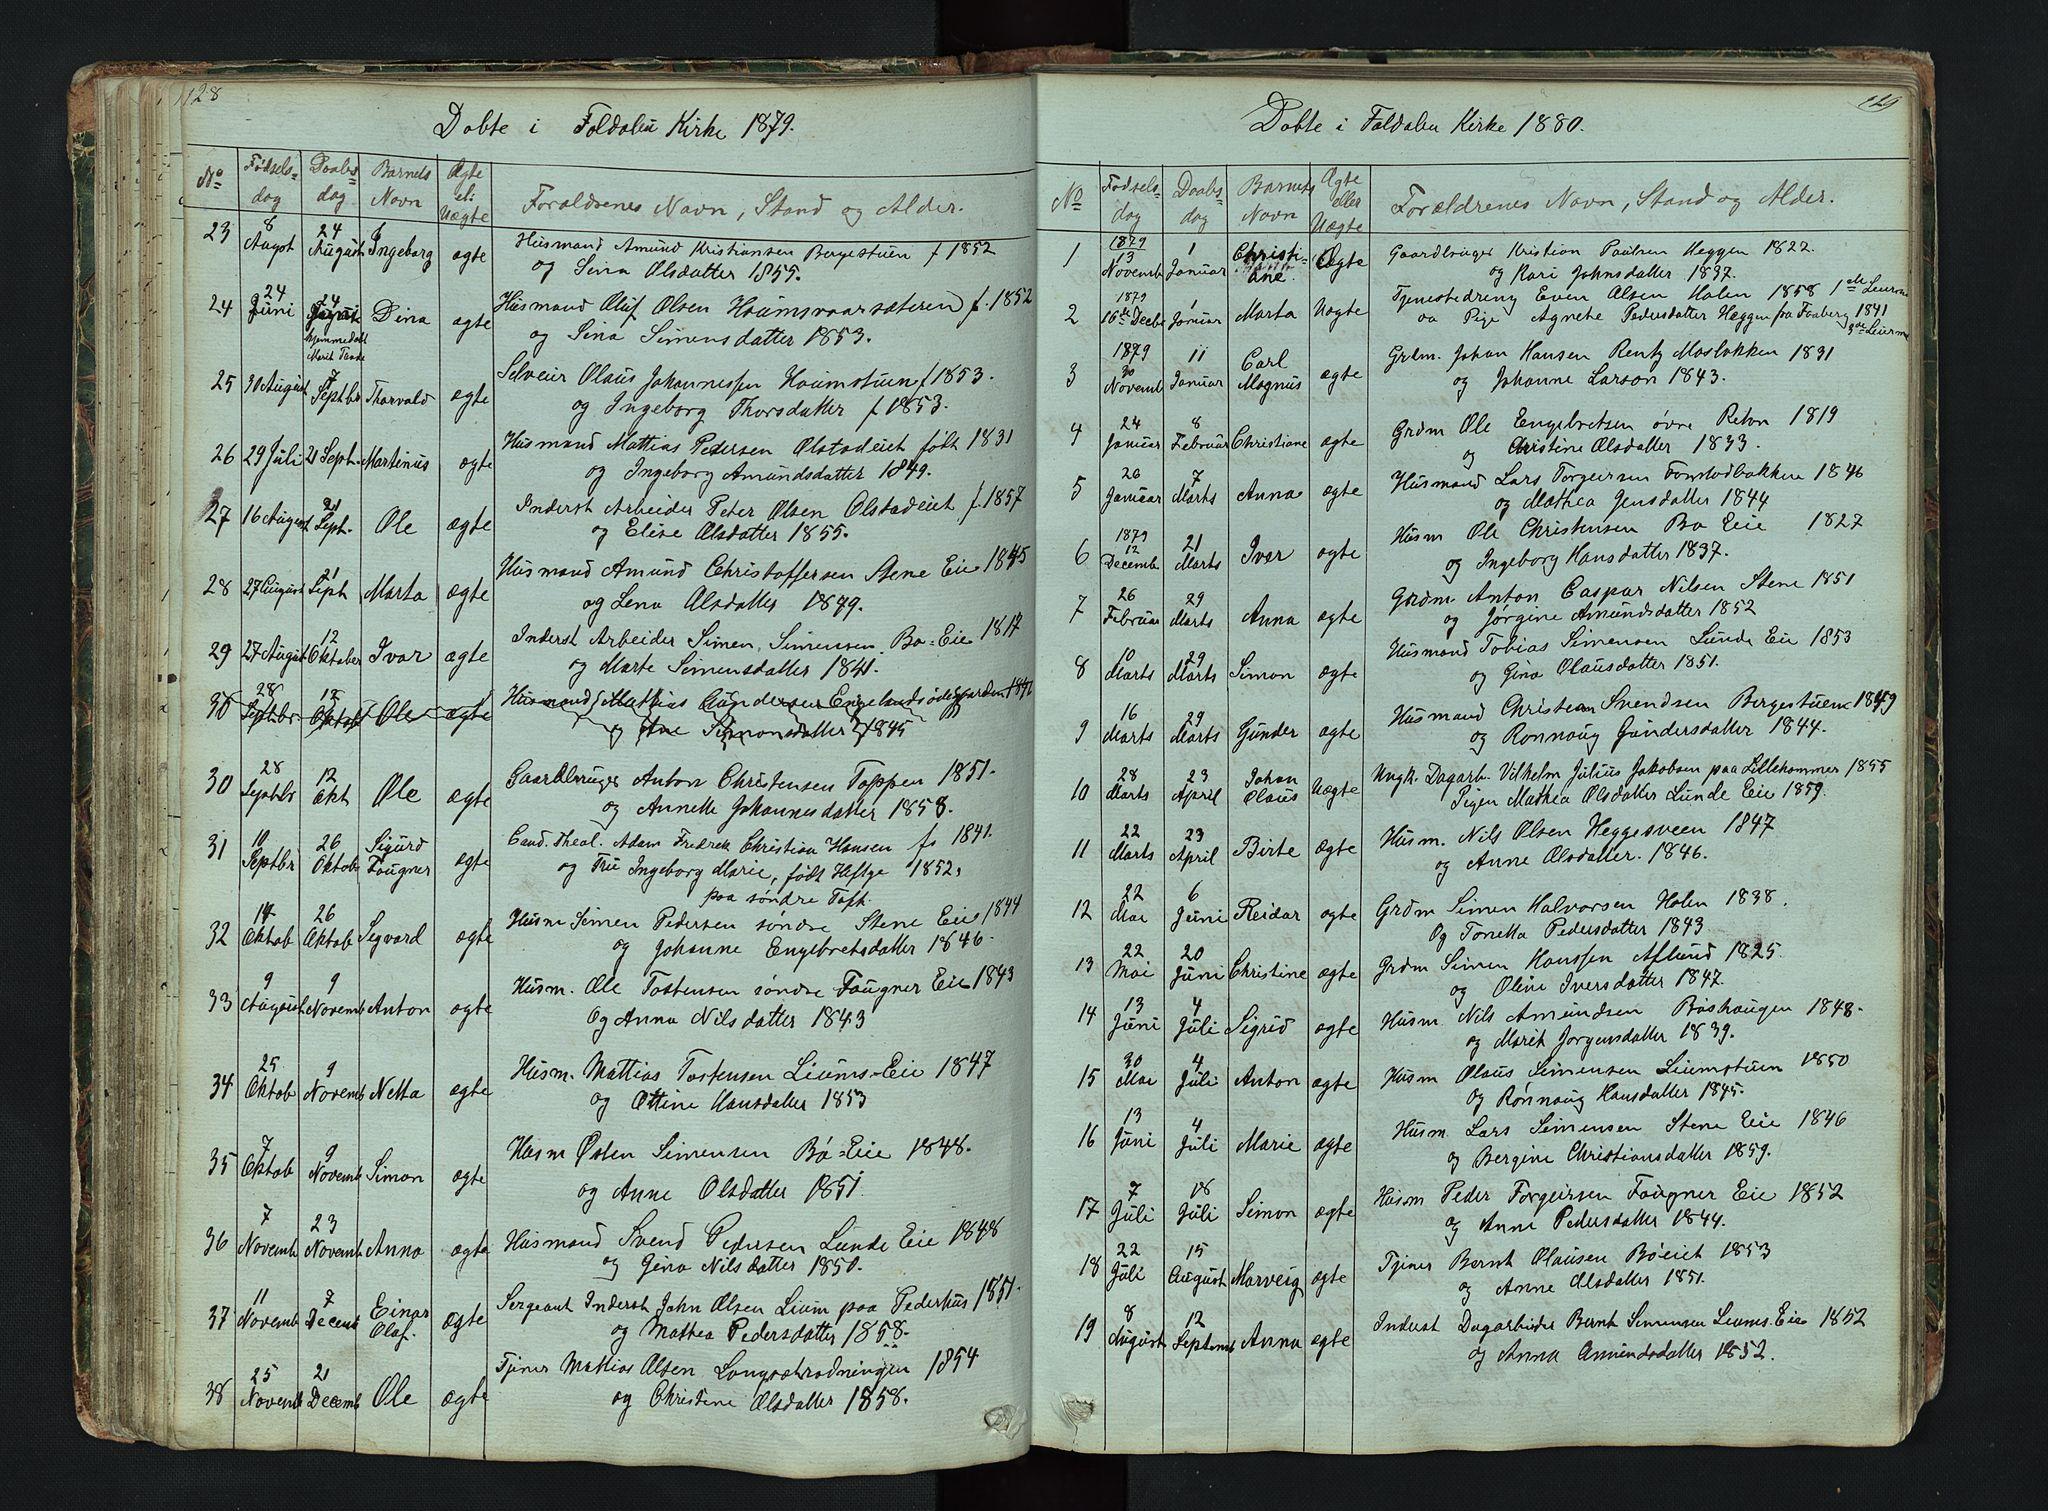 SAH, Gausdal prestekontor, Klokkerbok nr. 6, 1846-1893, s. 128-129